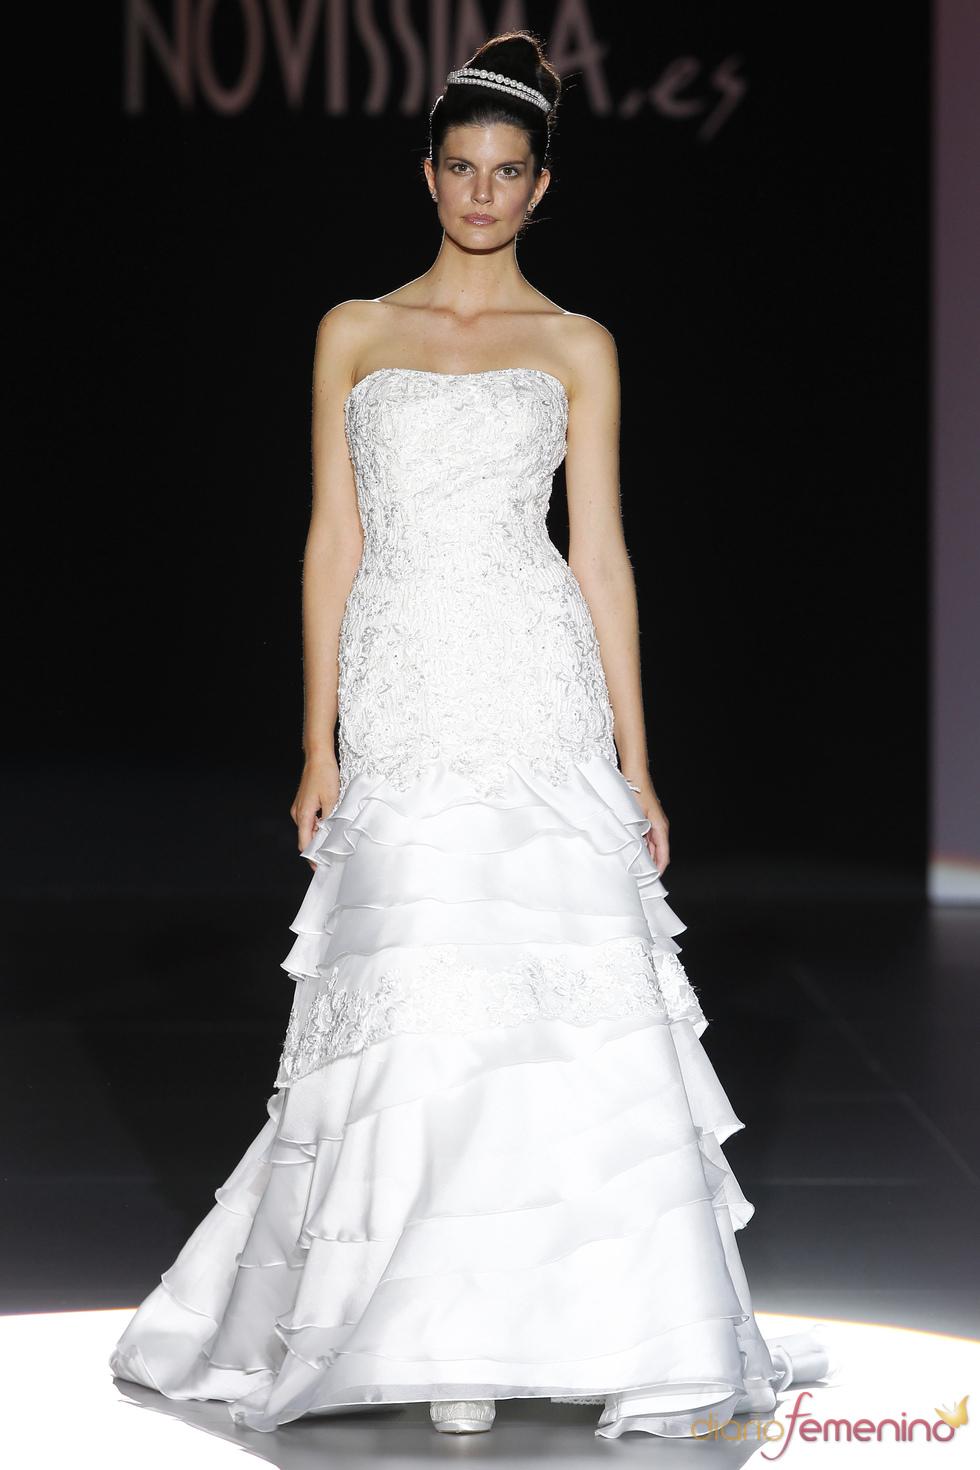 Novissima viste a la novia de 2011